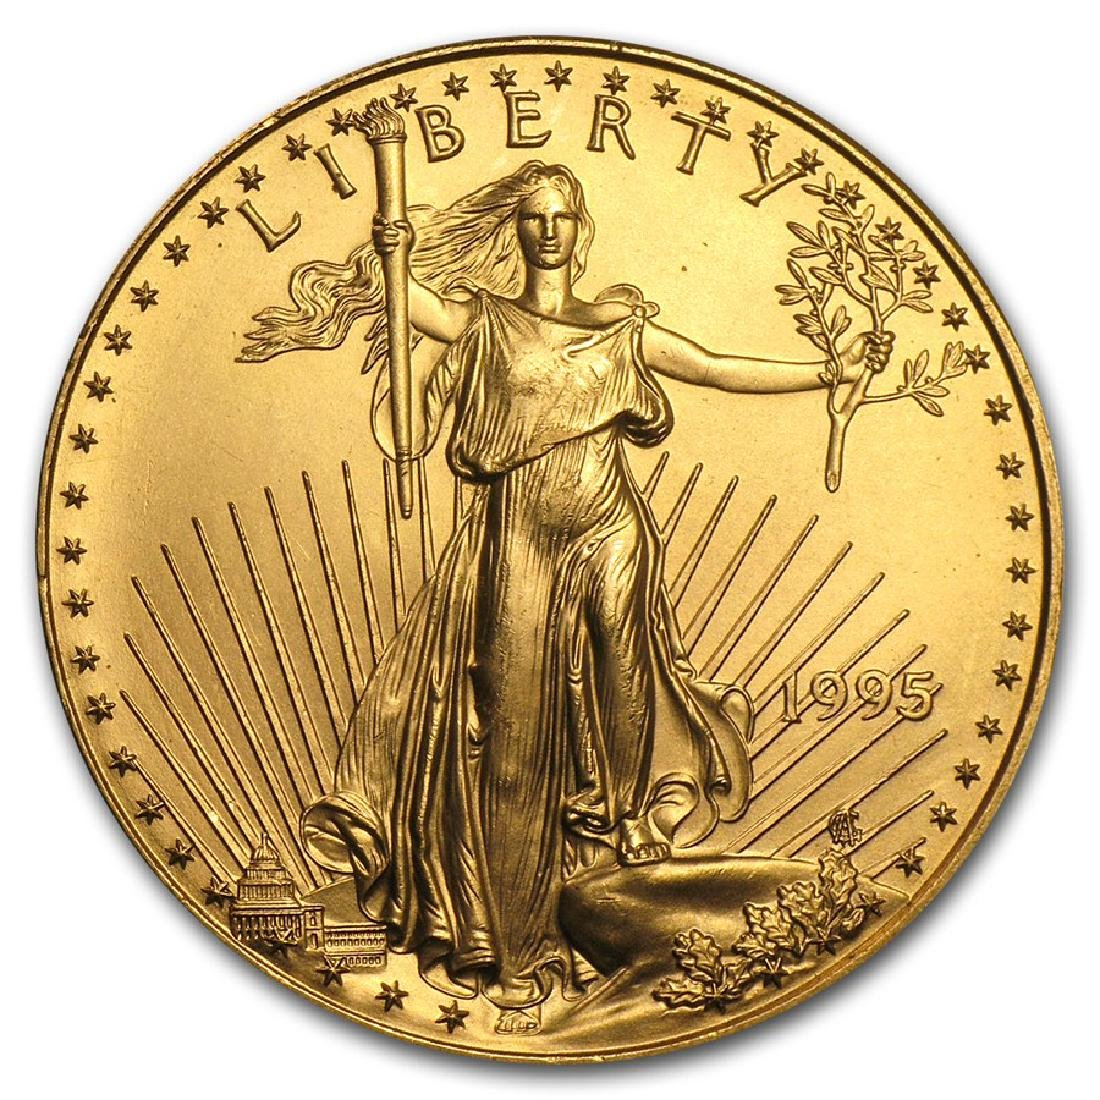 1995 $50 American Eagle 1oz Gold Coin